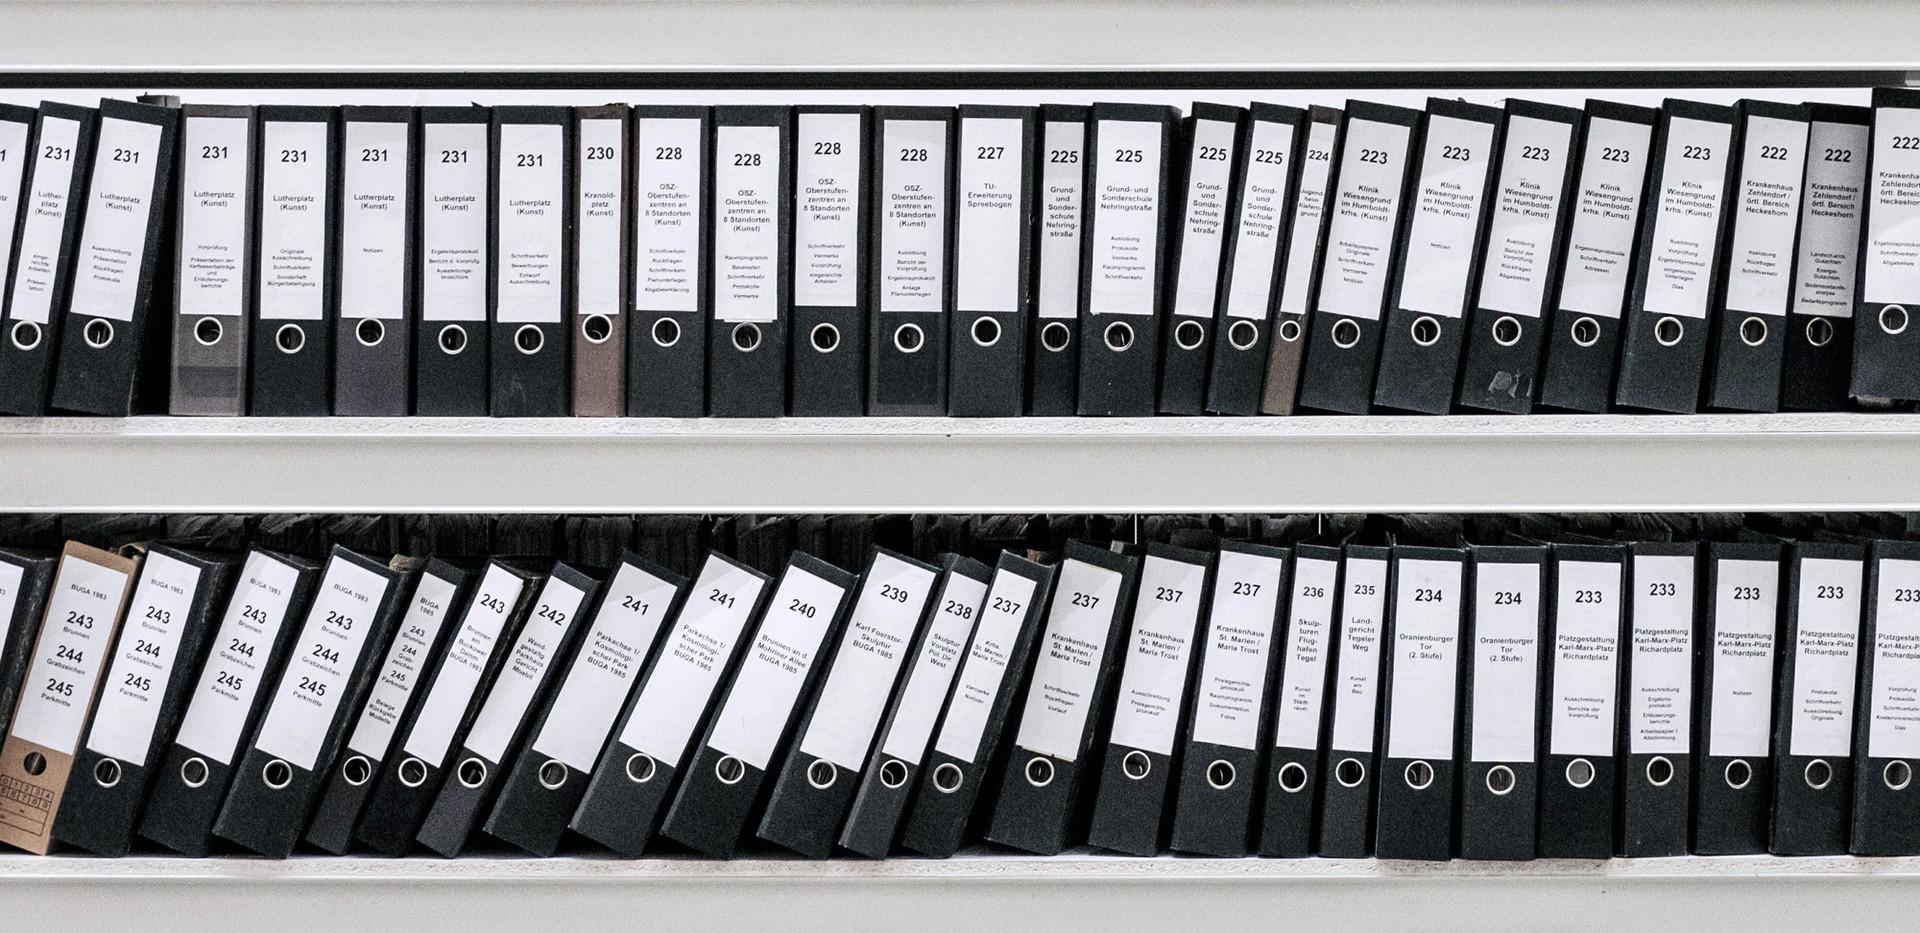 Archivos organizados